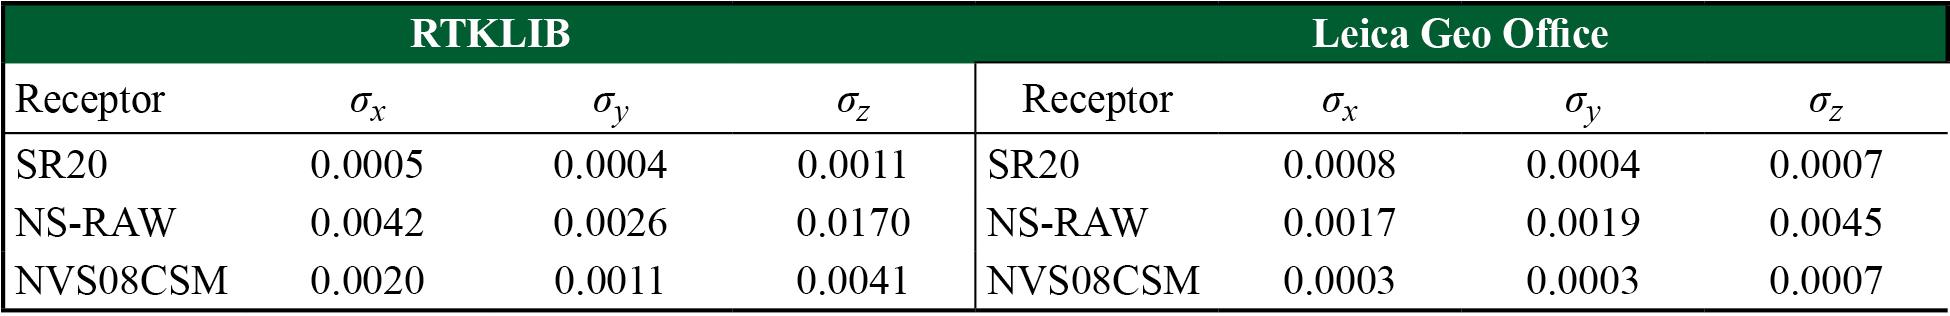 Desviaciones estándar de las coordenadas obtenidas en el software RTKLIB y Leica Geo Office